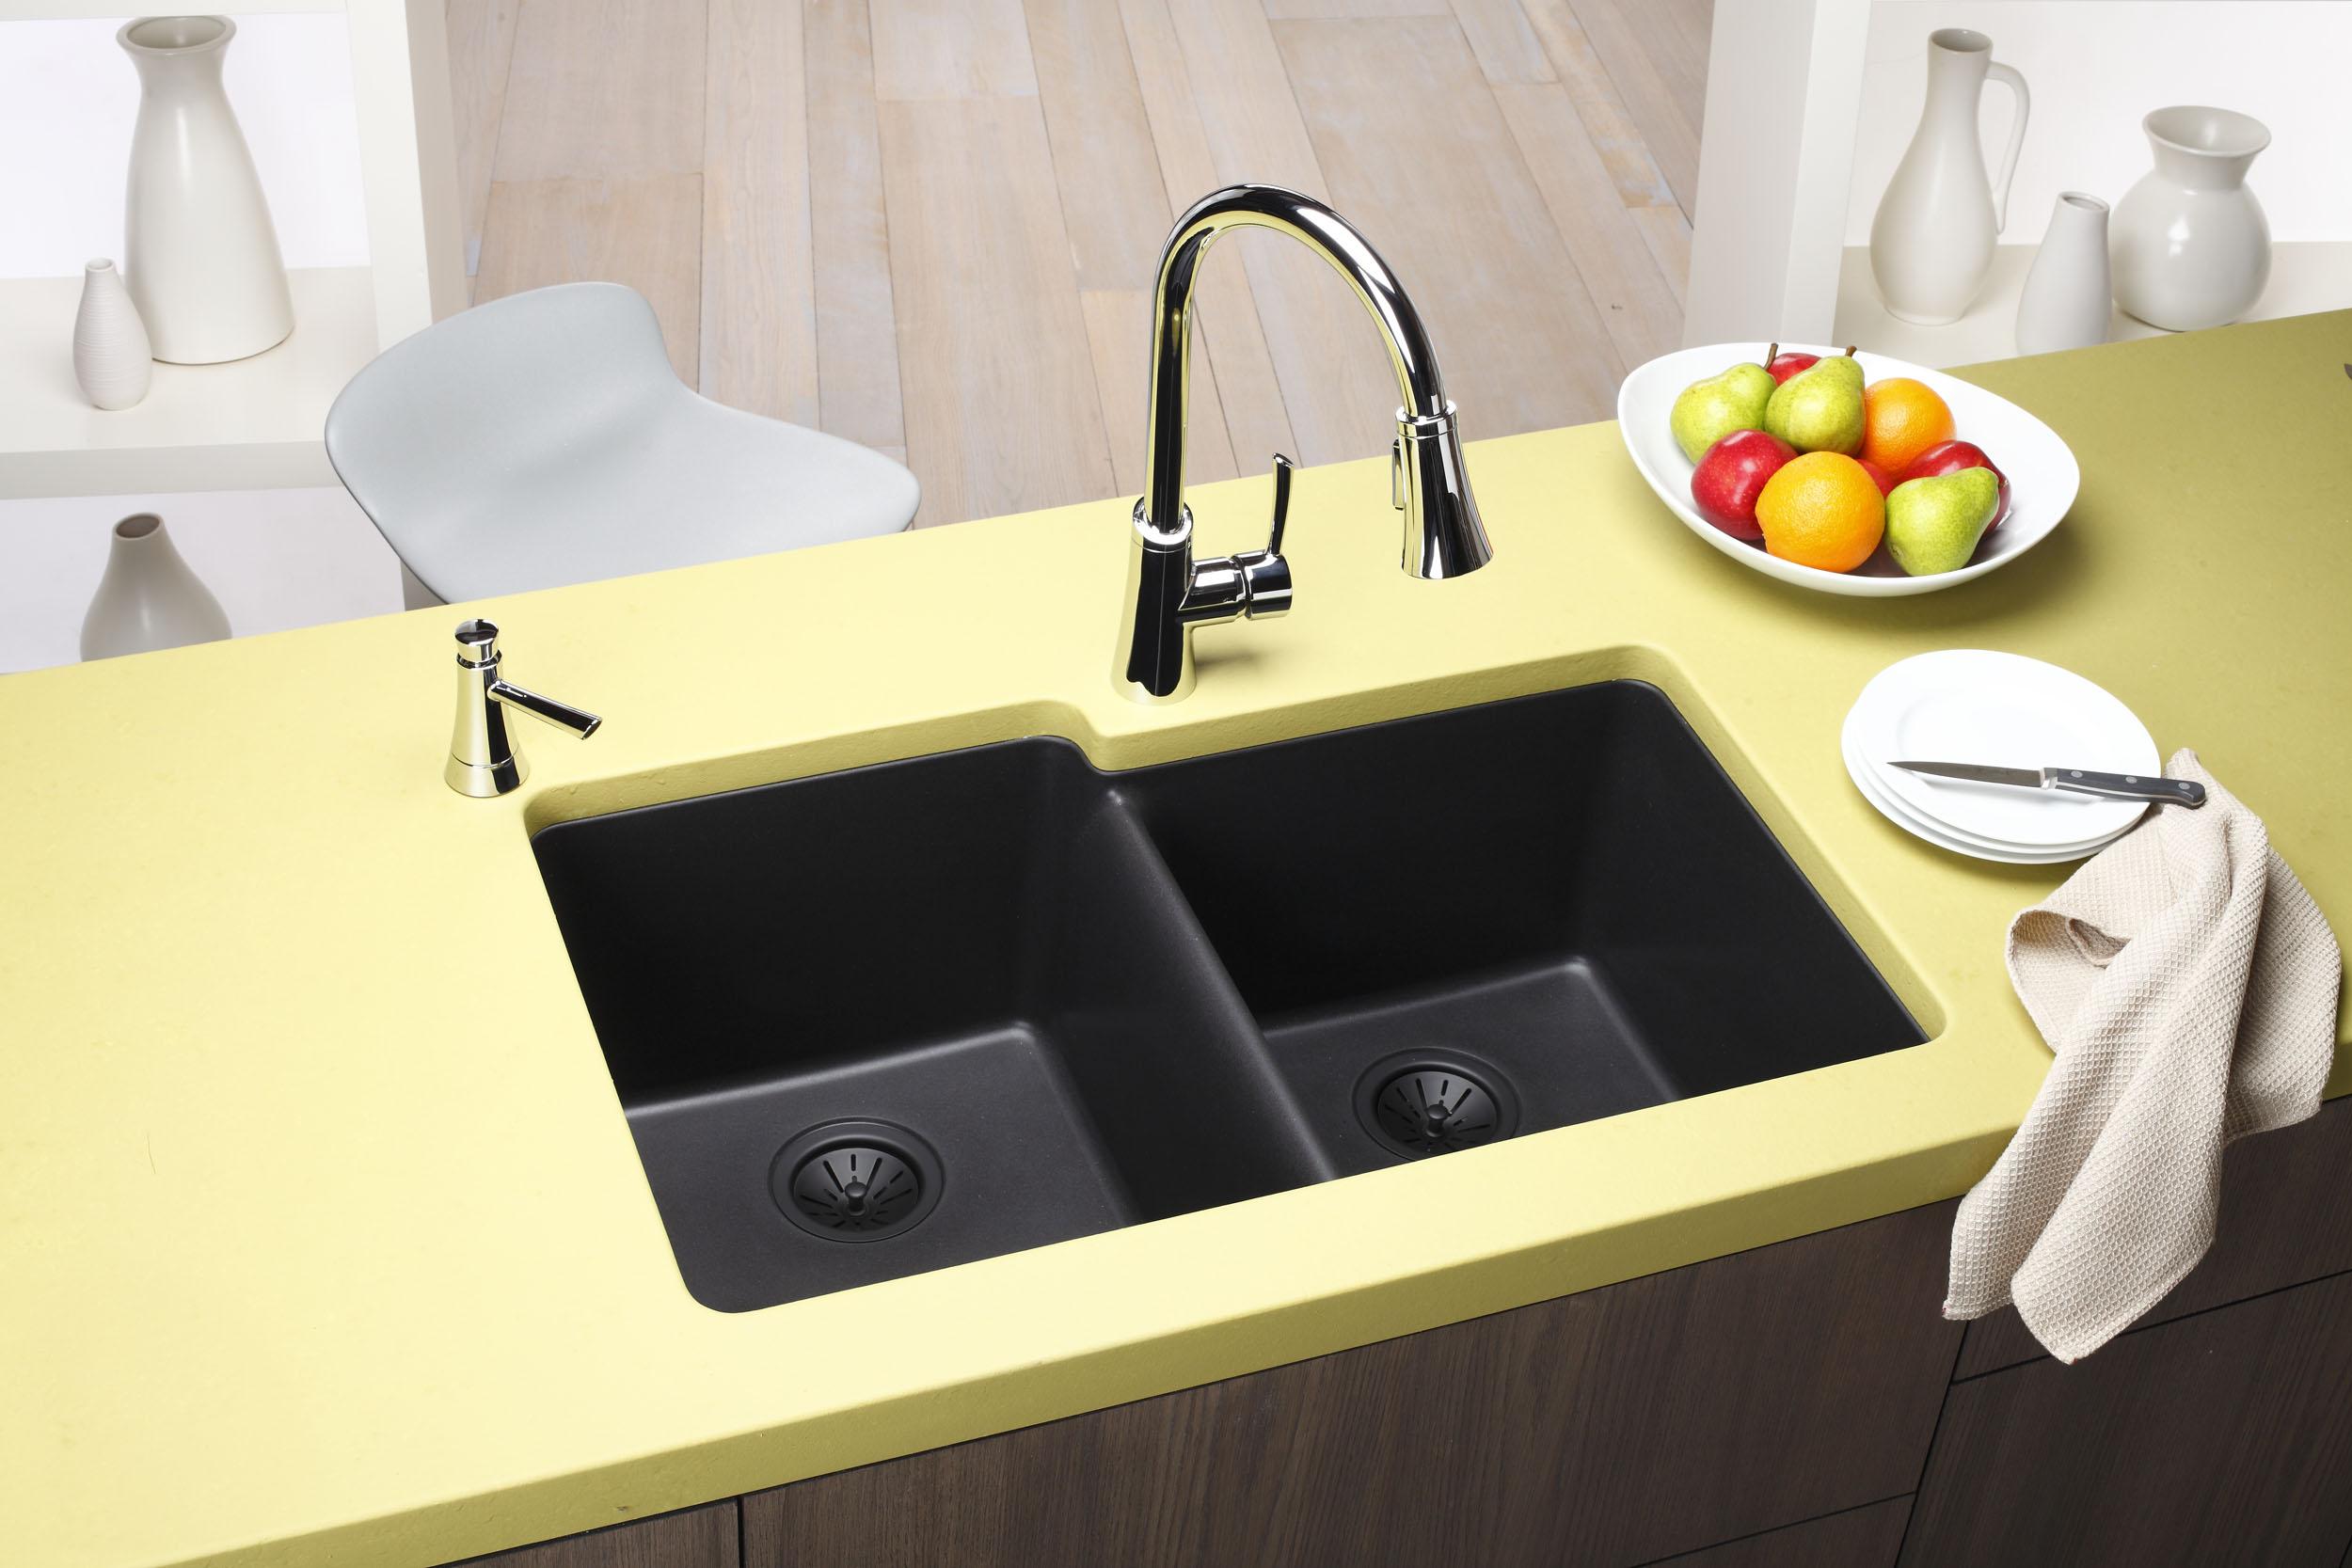 Torneira Gourmet com monocomando instalada na bancada. Projeto com cores em harmonia. Fonte.